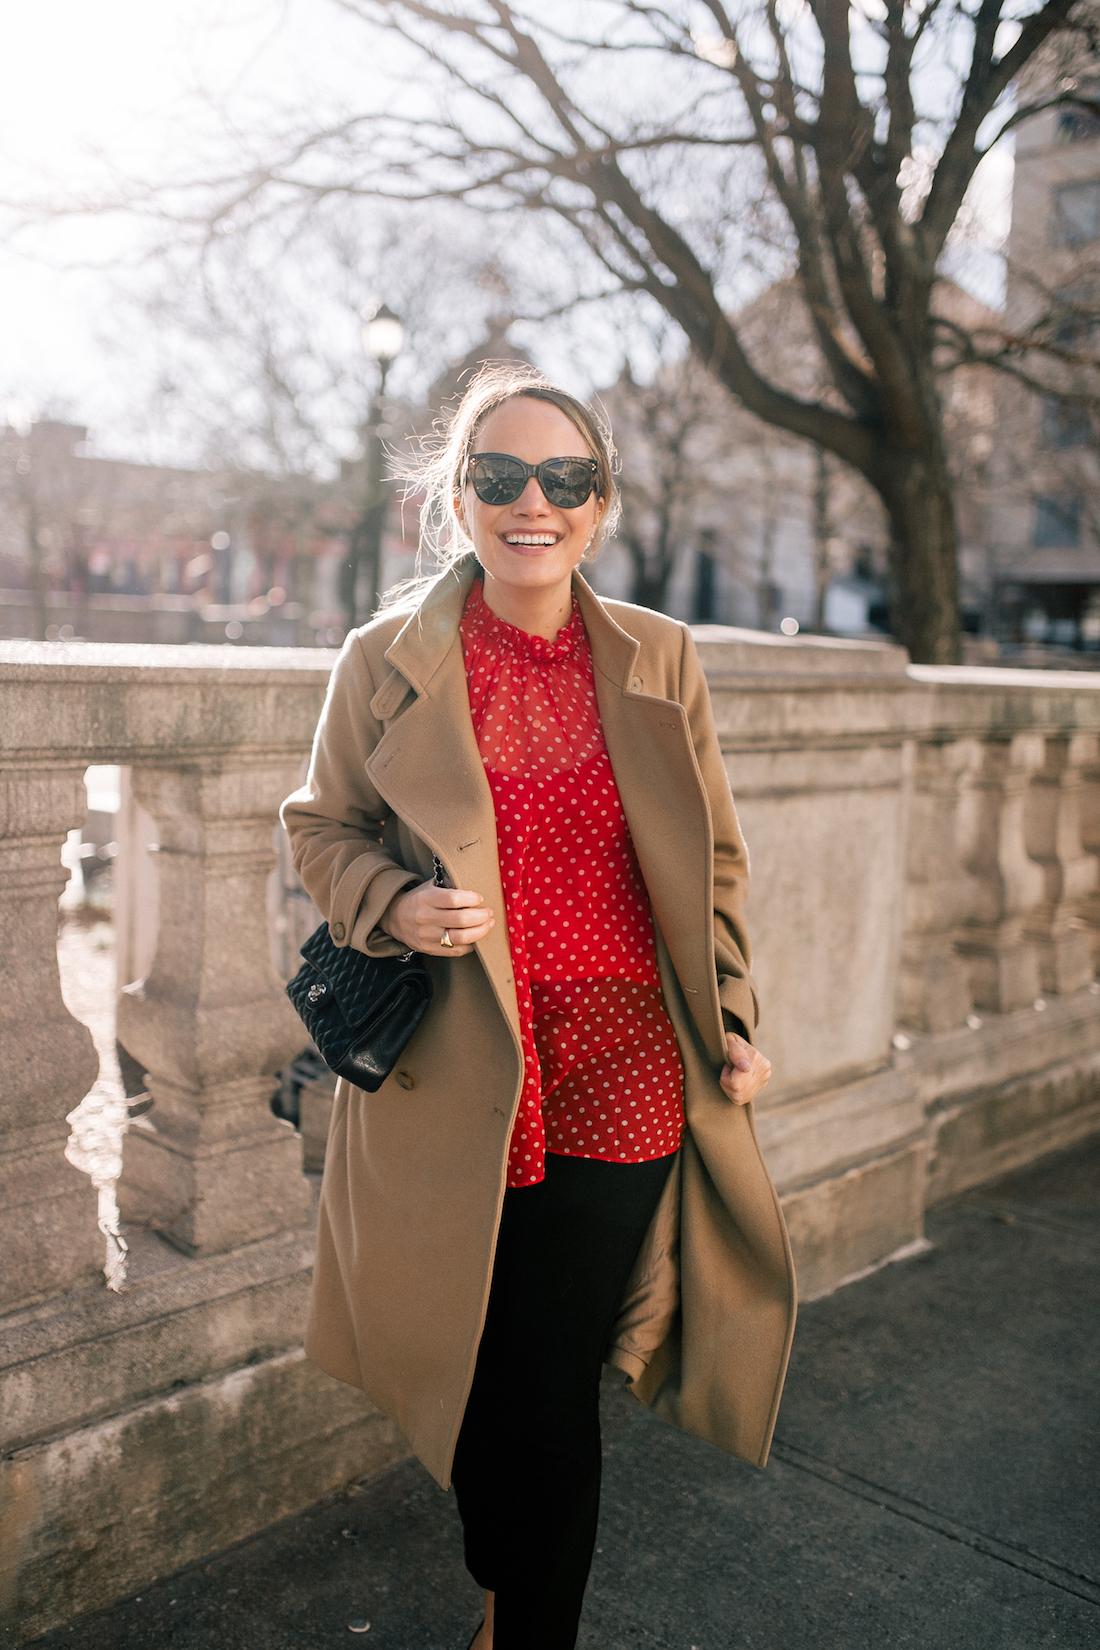 Outfit Details: Vince Camel Coat // Zimmermann Polka Dot Top // NYDJ Pants // Black Chanel Quilted Bag